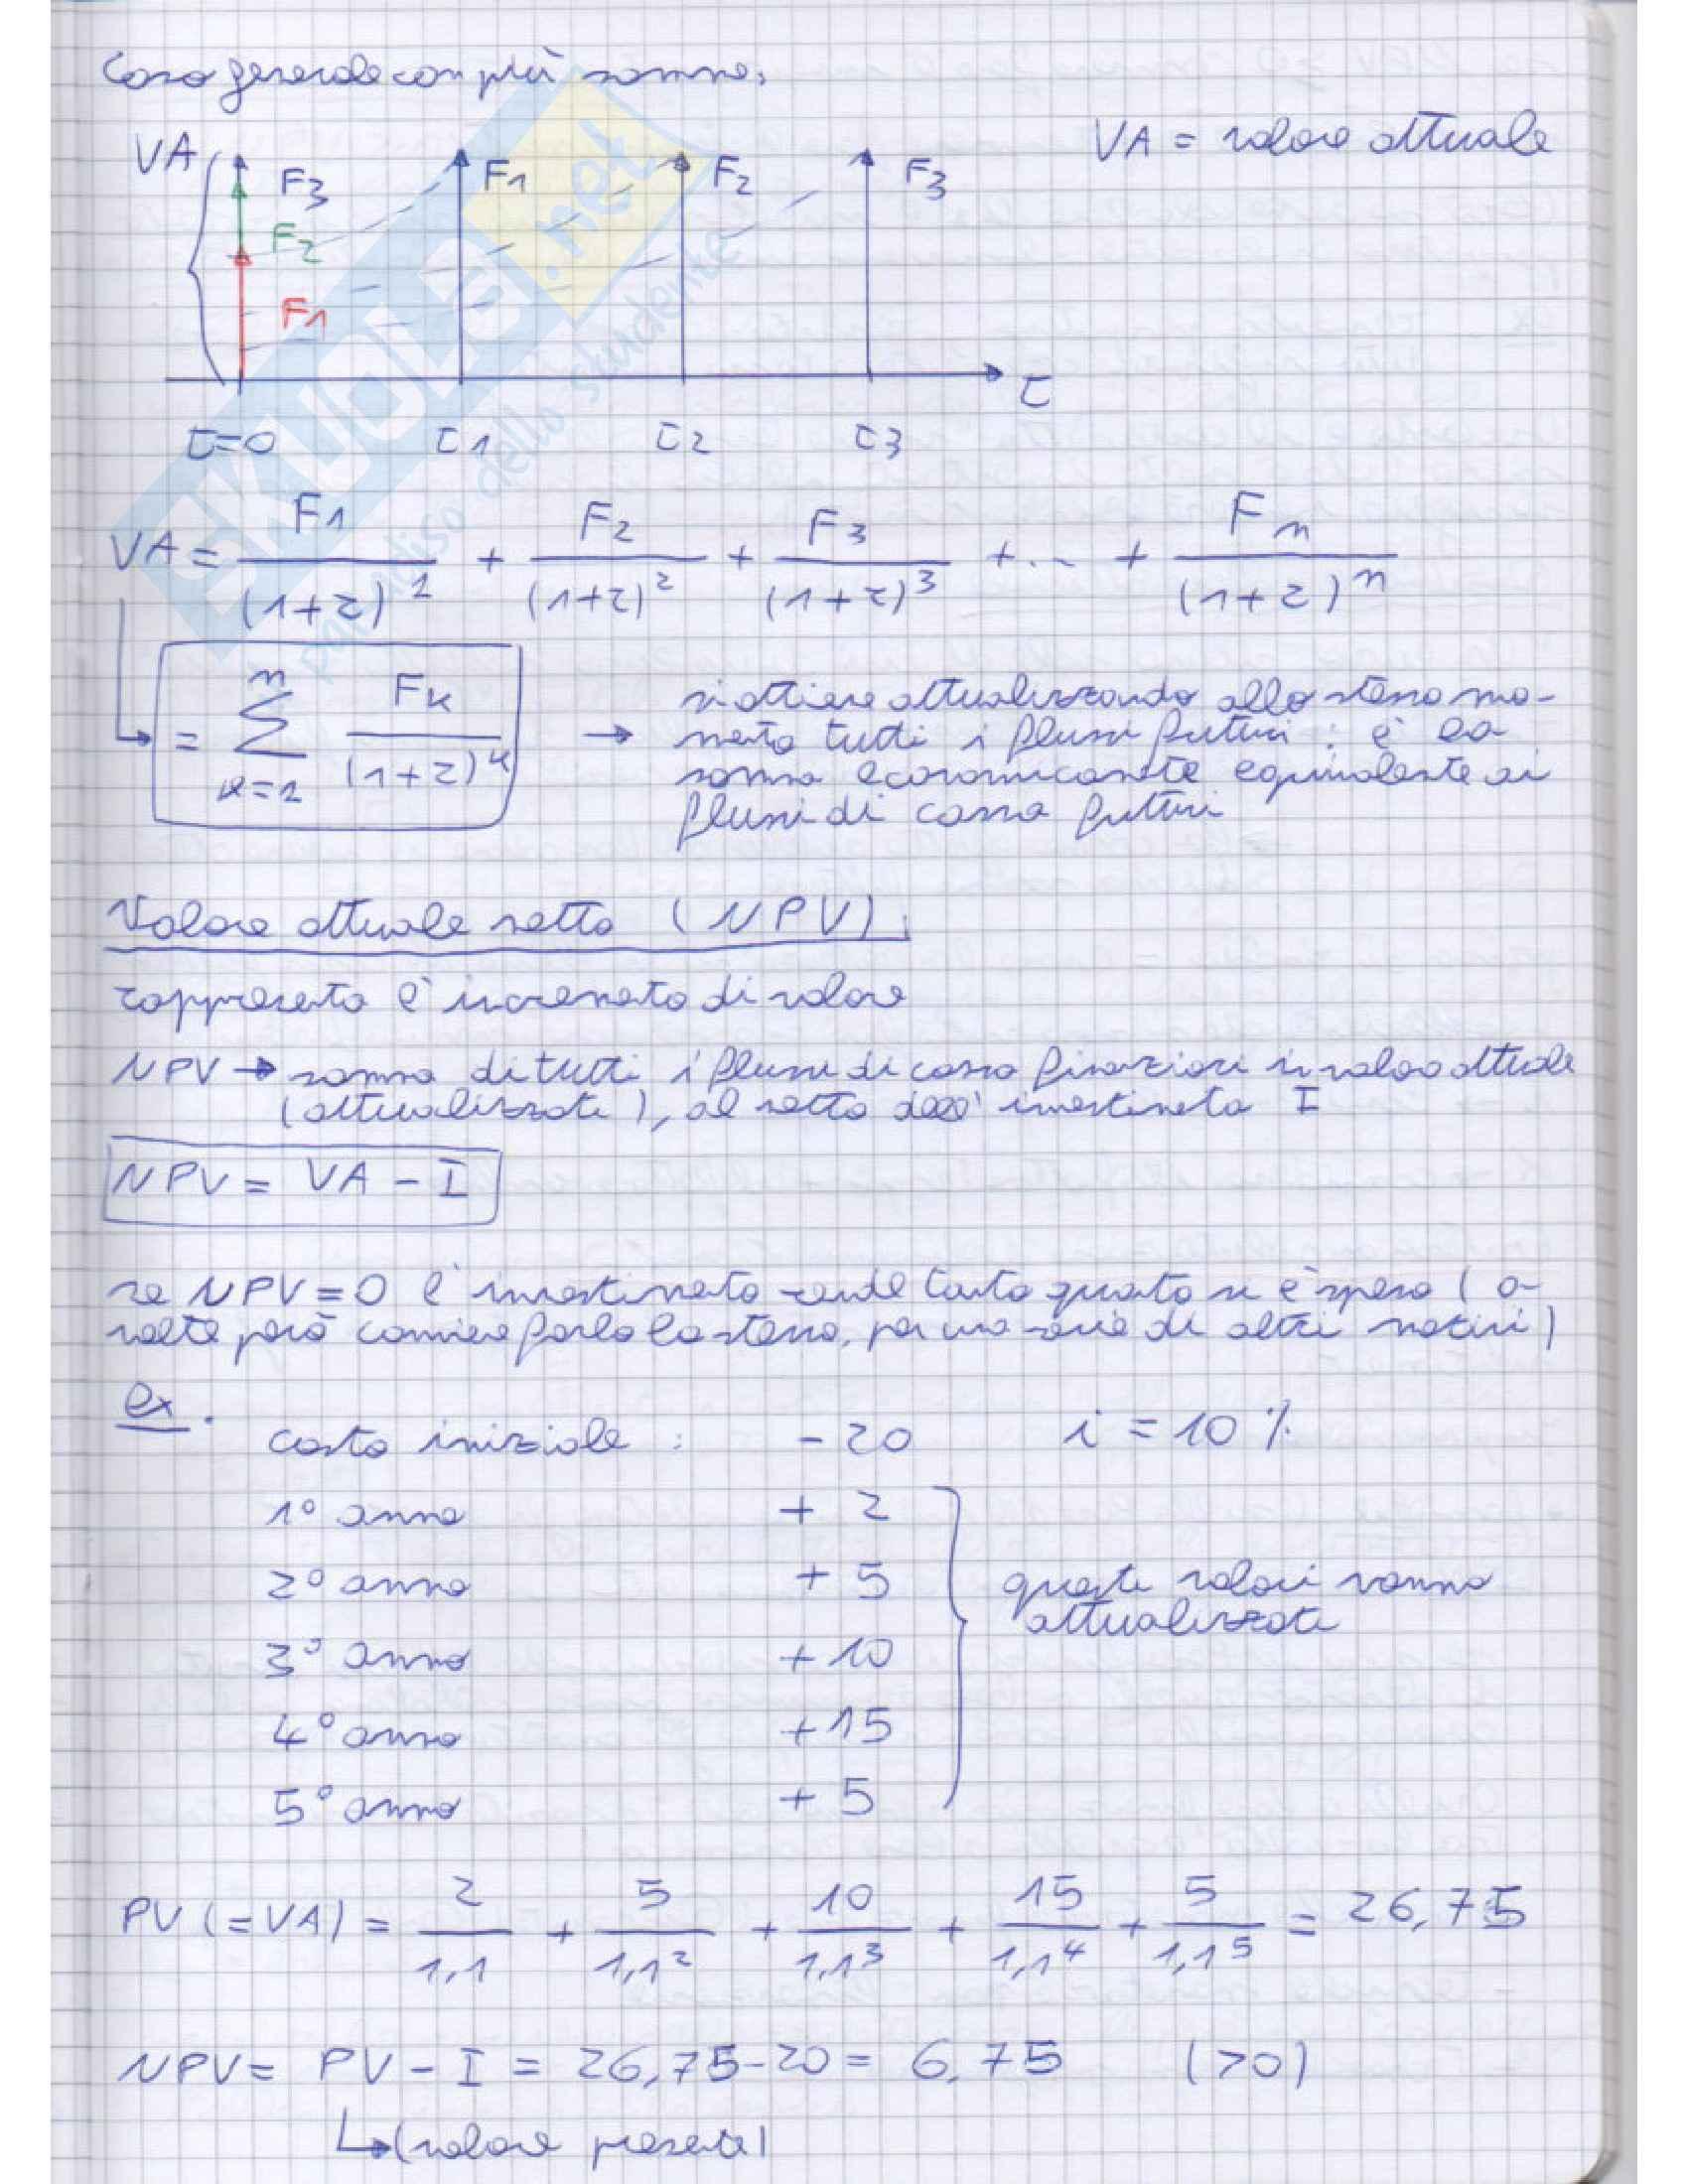 Impianti di produzone e organizzazione di impresa - Appunti Pag. 41